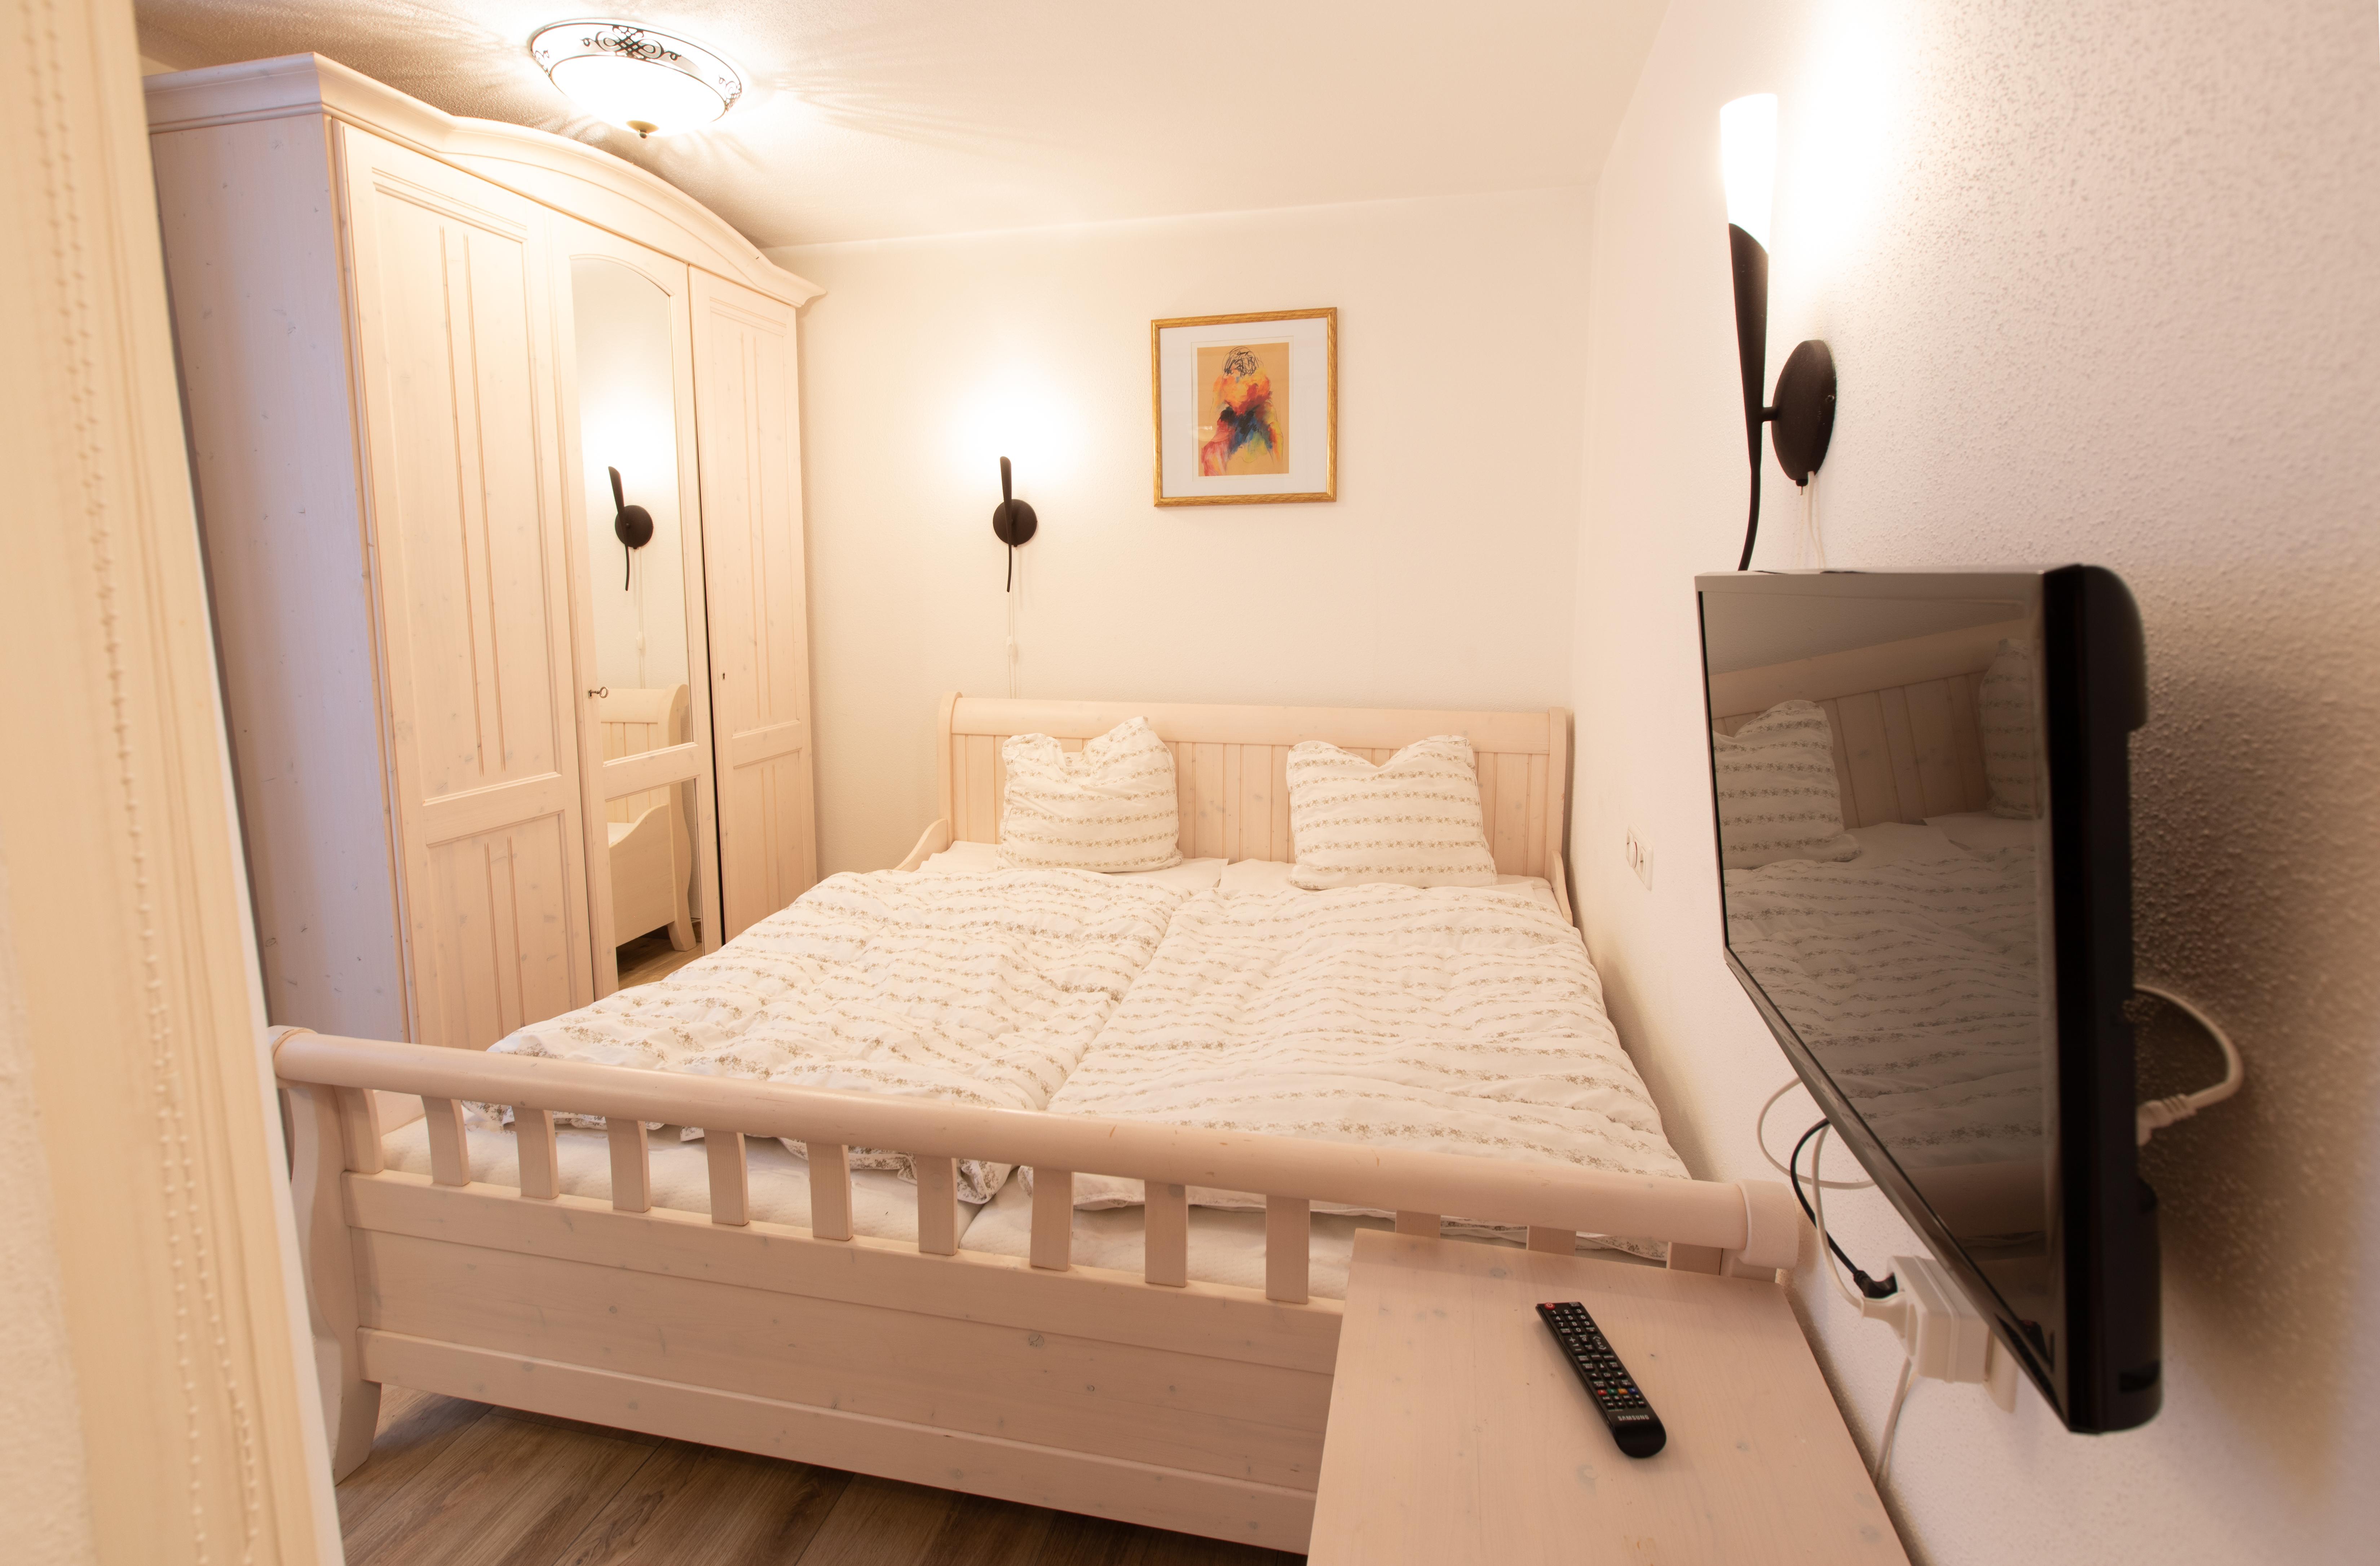 Bedroom 4/5